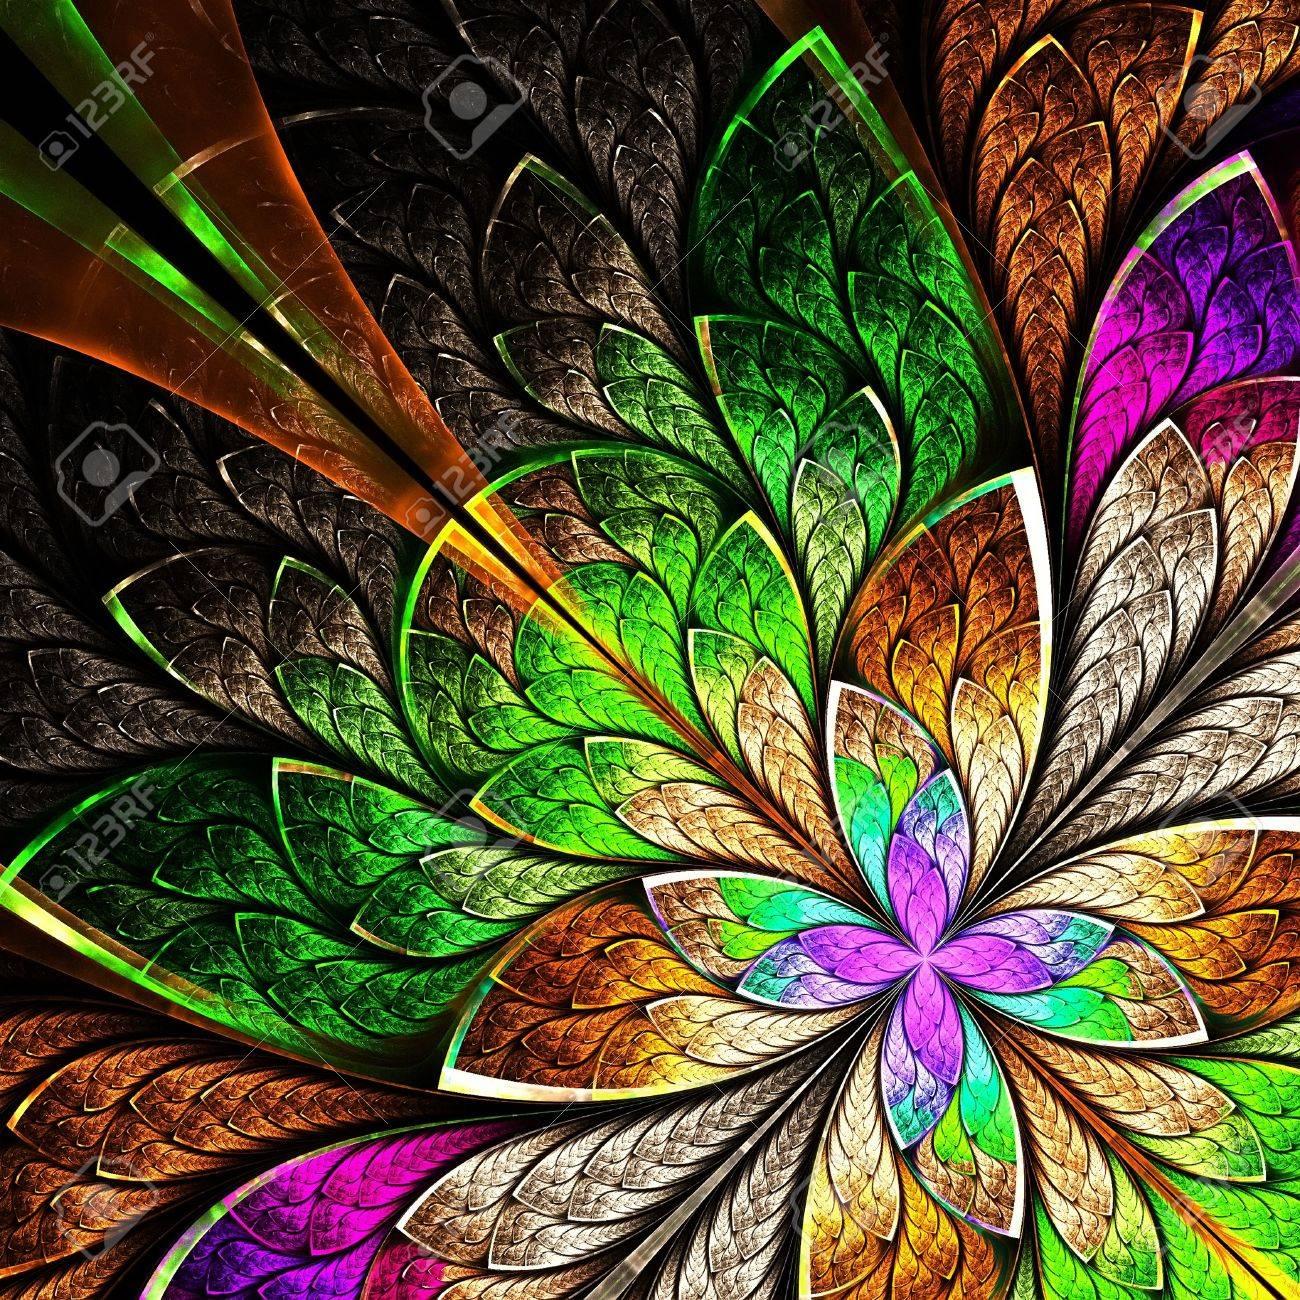 banque dimages belle fleur fractale en jaune vert et violet graphiques gnrs par ordinateur - Vert Et Violet